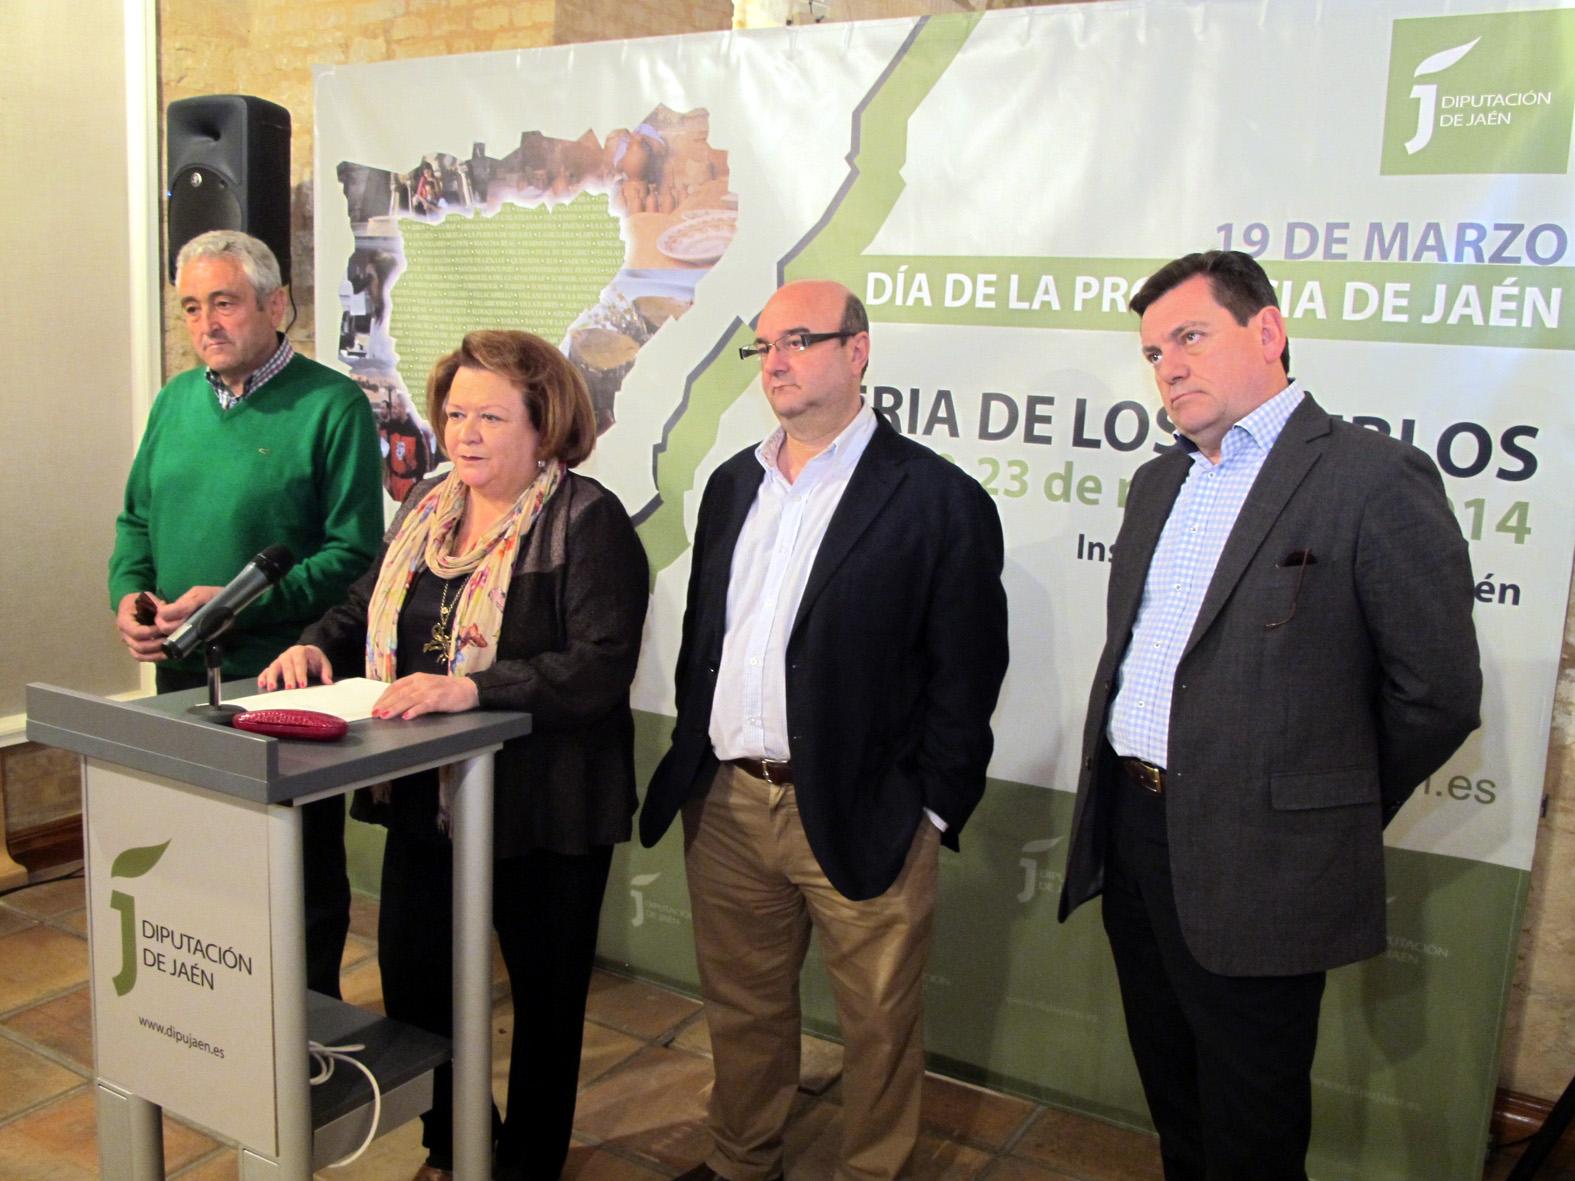 20140317_Presentacixn_Feria_de_los_Pueblos_1